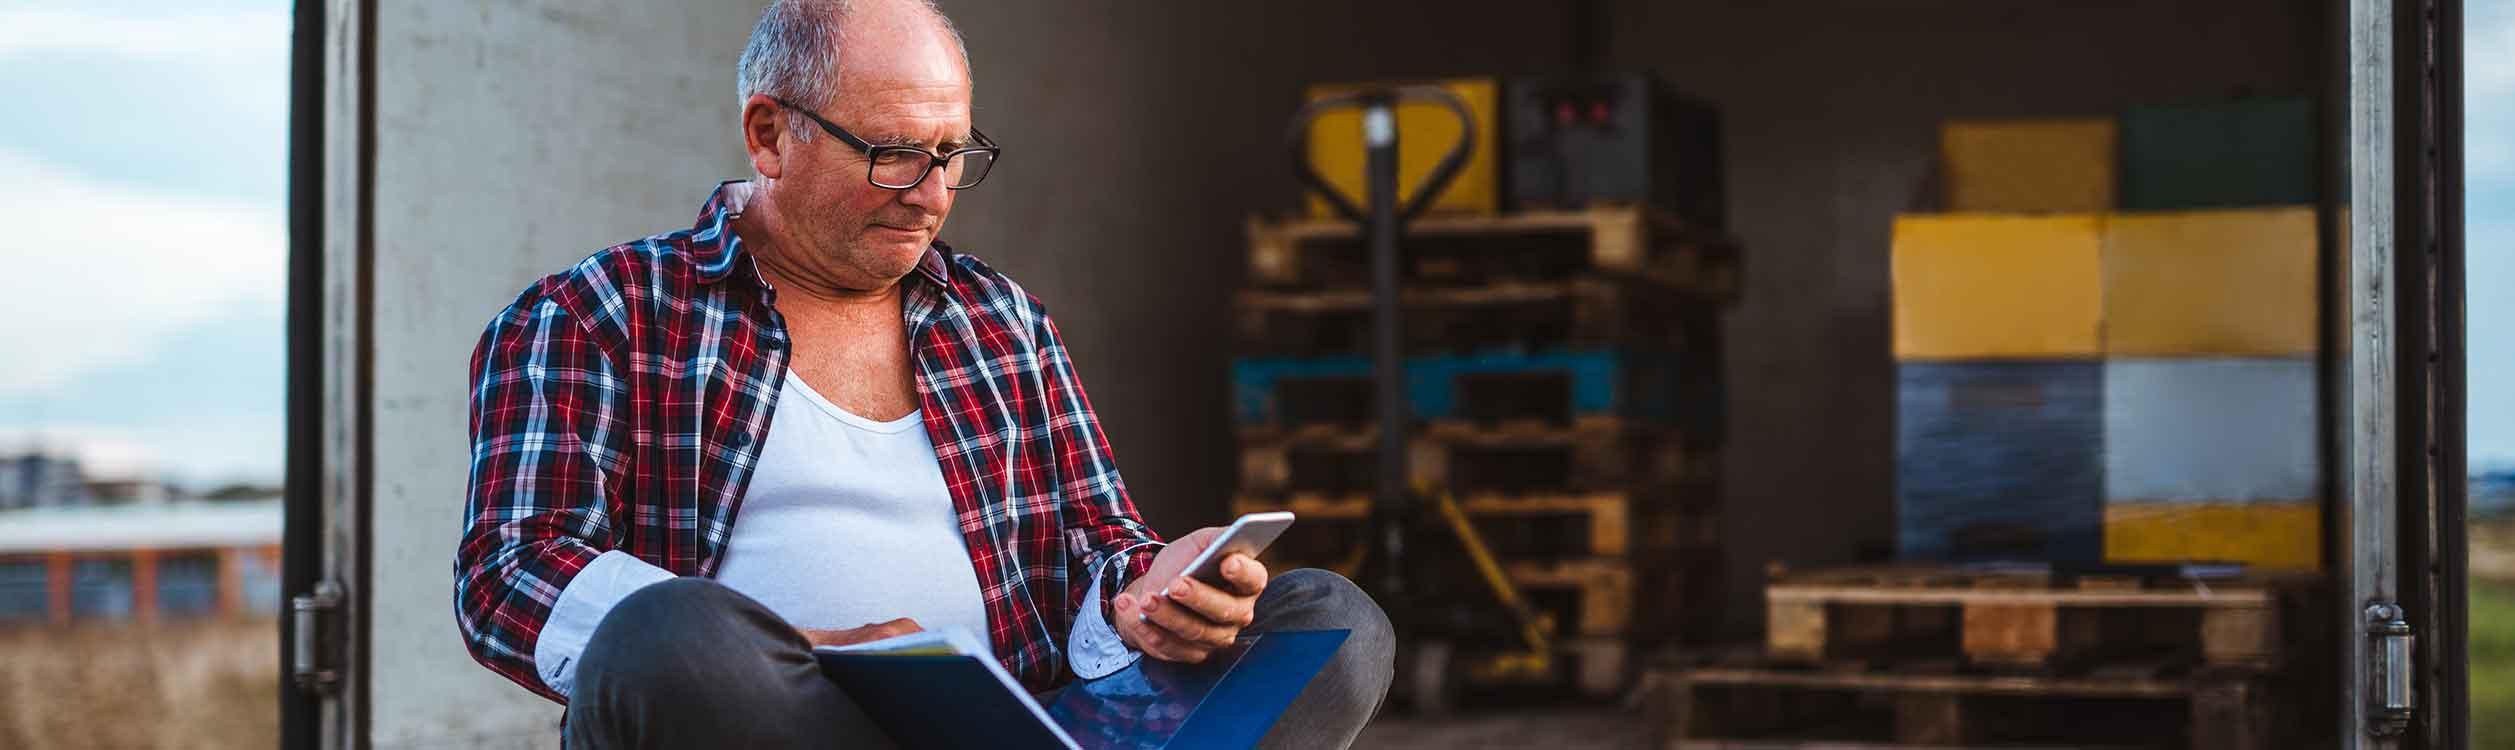 LKW-Fahrer sitzt auf der Ladefläche mit Rechnungen und schaut auf sein Handy